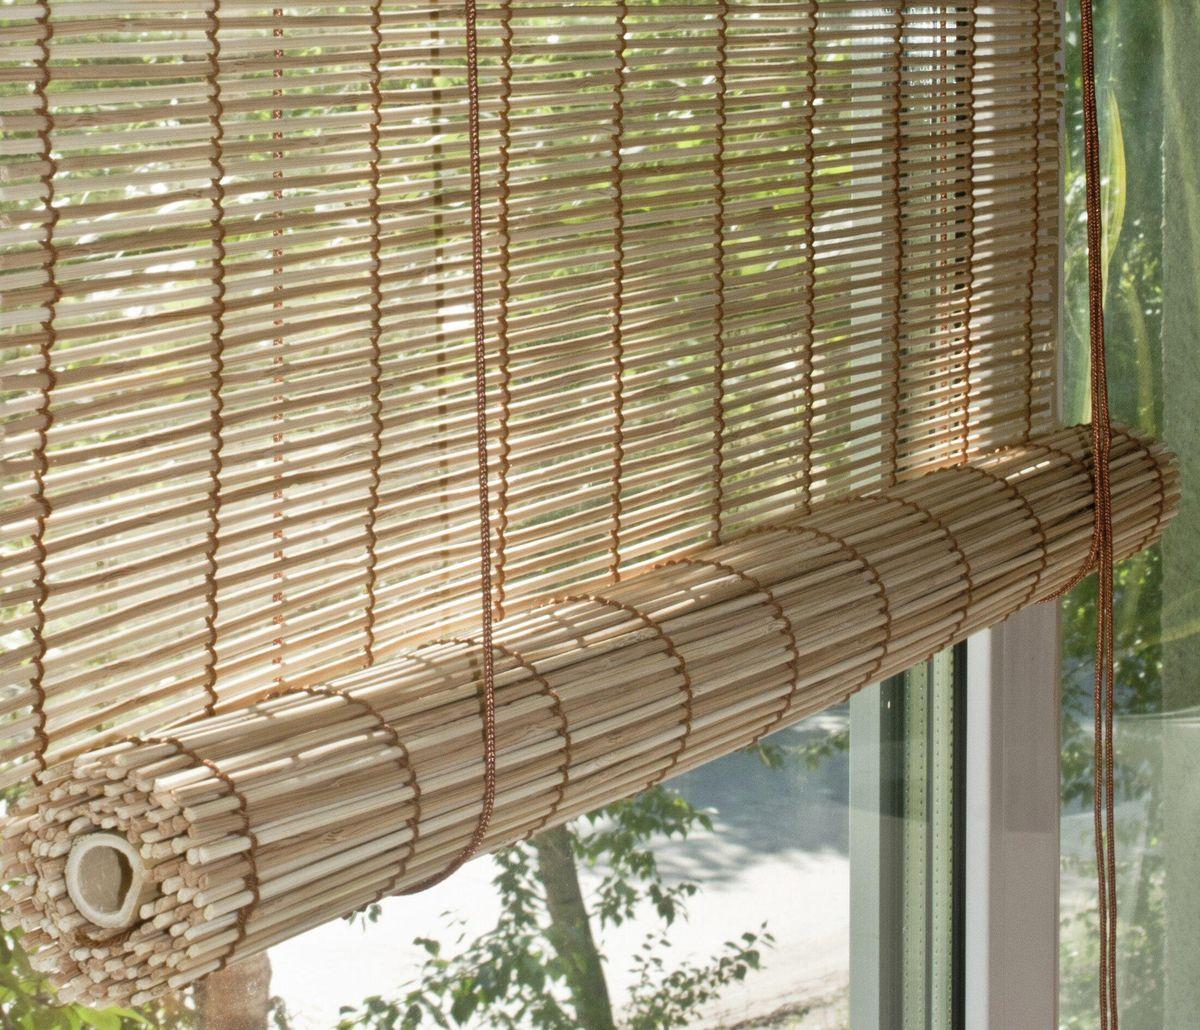 Штора рулонная Эскар Бамбук, цвет: натуральный микс, ширина 60 см, высота 160 смIRK-503При оформлении интерьера современных помещений многие отдают предпочтение природным материалам. Бамбуковые рулонные шторыЭскар Бамбук - одно из натуральных изделий, способное сделать атмосферу помещения более уютной и в то же время необычной. Свойства бамбука уникальны: он экологически чист, так как быстро вырастает, благодаря чему не успевает накопить вредные вещества из окружающей среды. Кроме того, растение обладает противомикробным и антибактериальным действием. Занавеси из бамбука безопасно использовать в помещениях, где находятся новорожденные дети и люди, склонные к аллергии. Они незаменимы для тех, кто заботится о своем здоровье и уделяет внимание высокому уровню жизни.